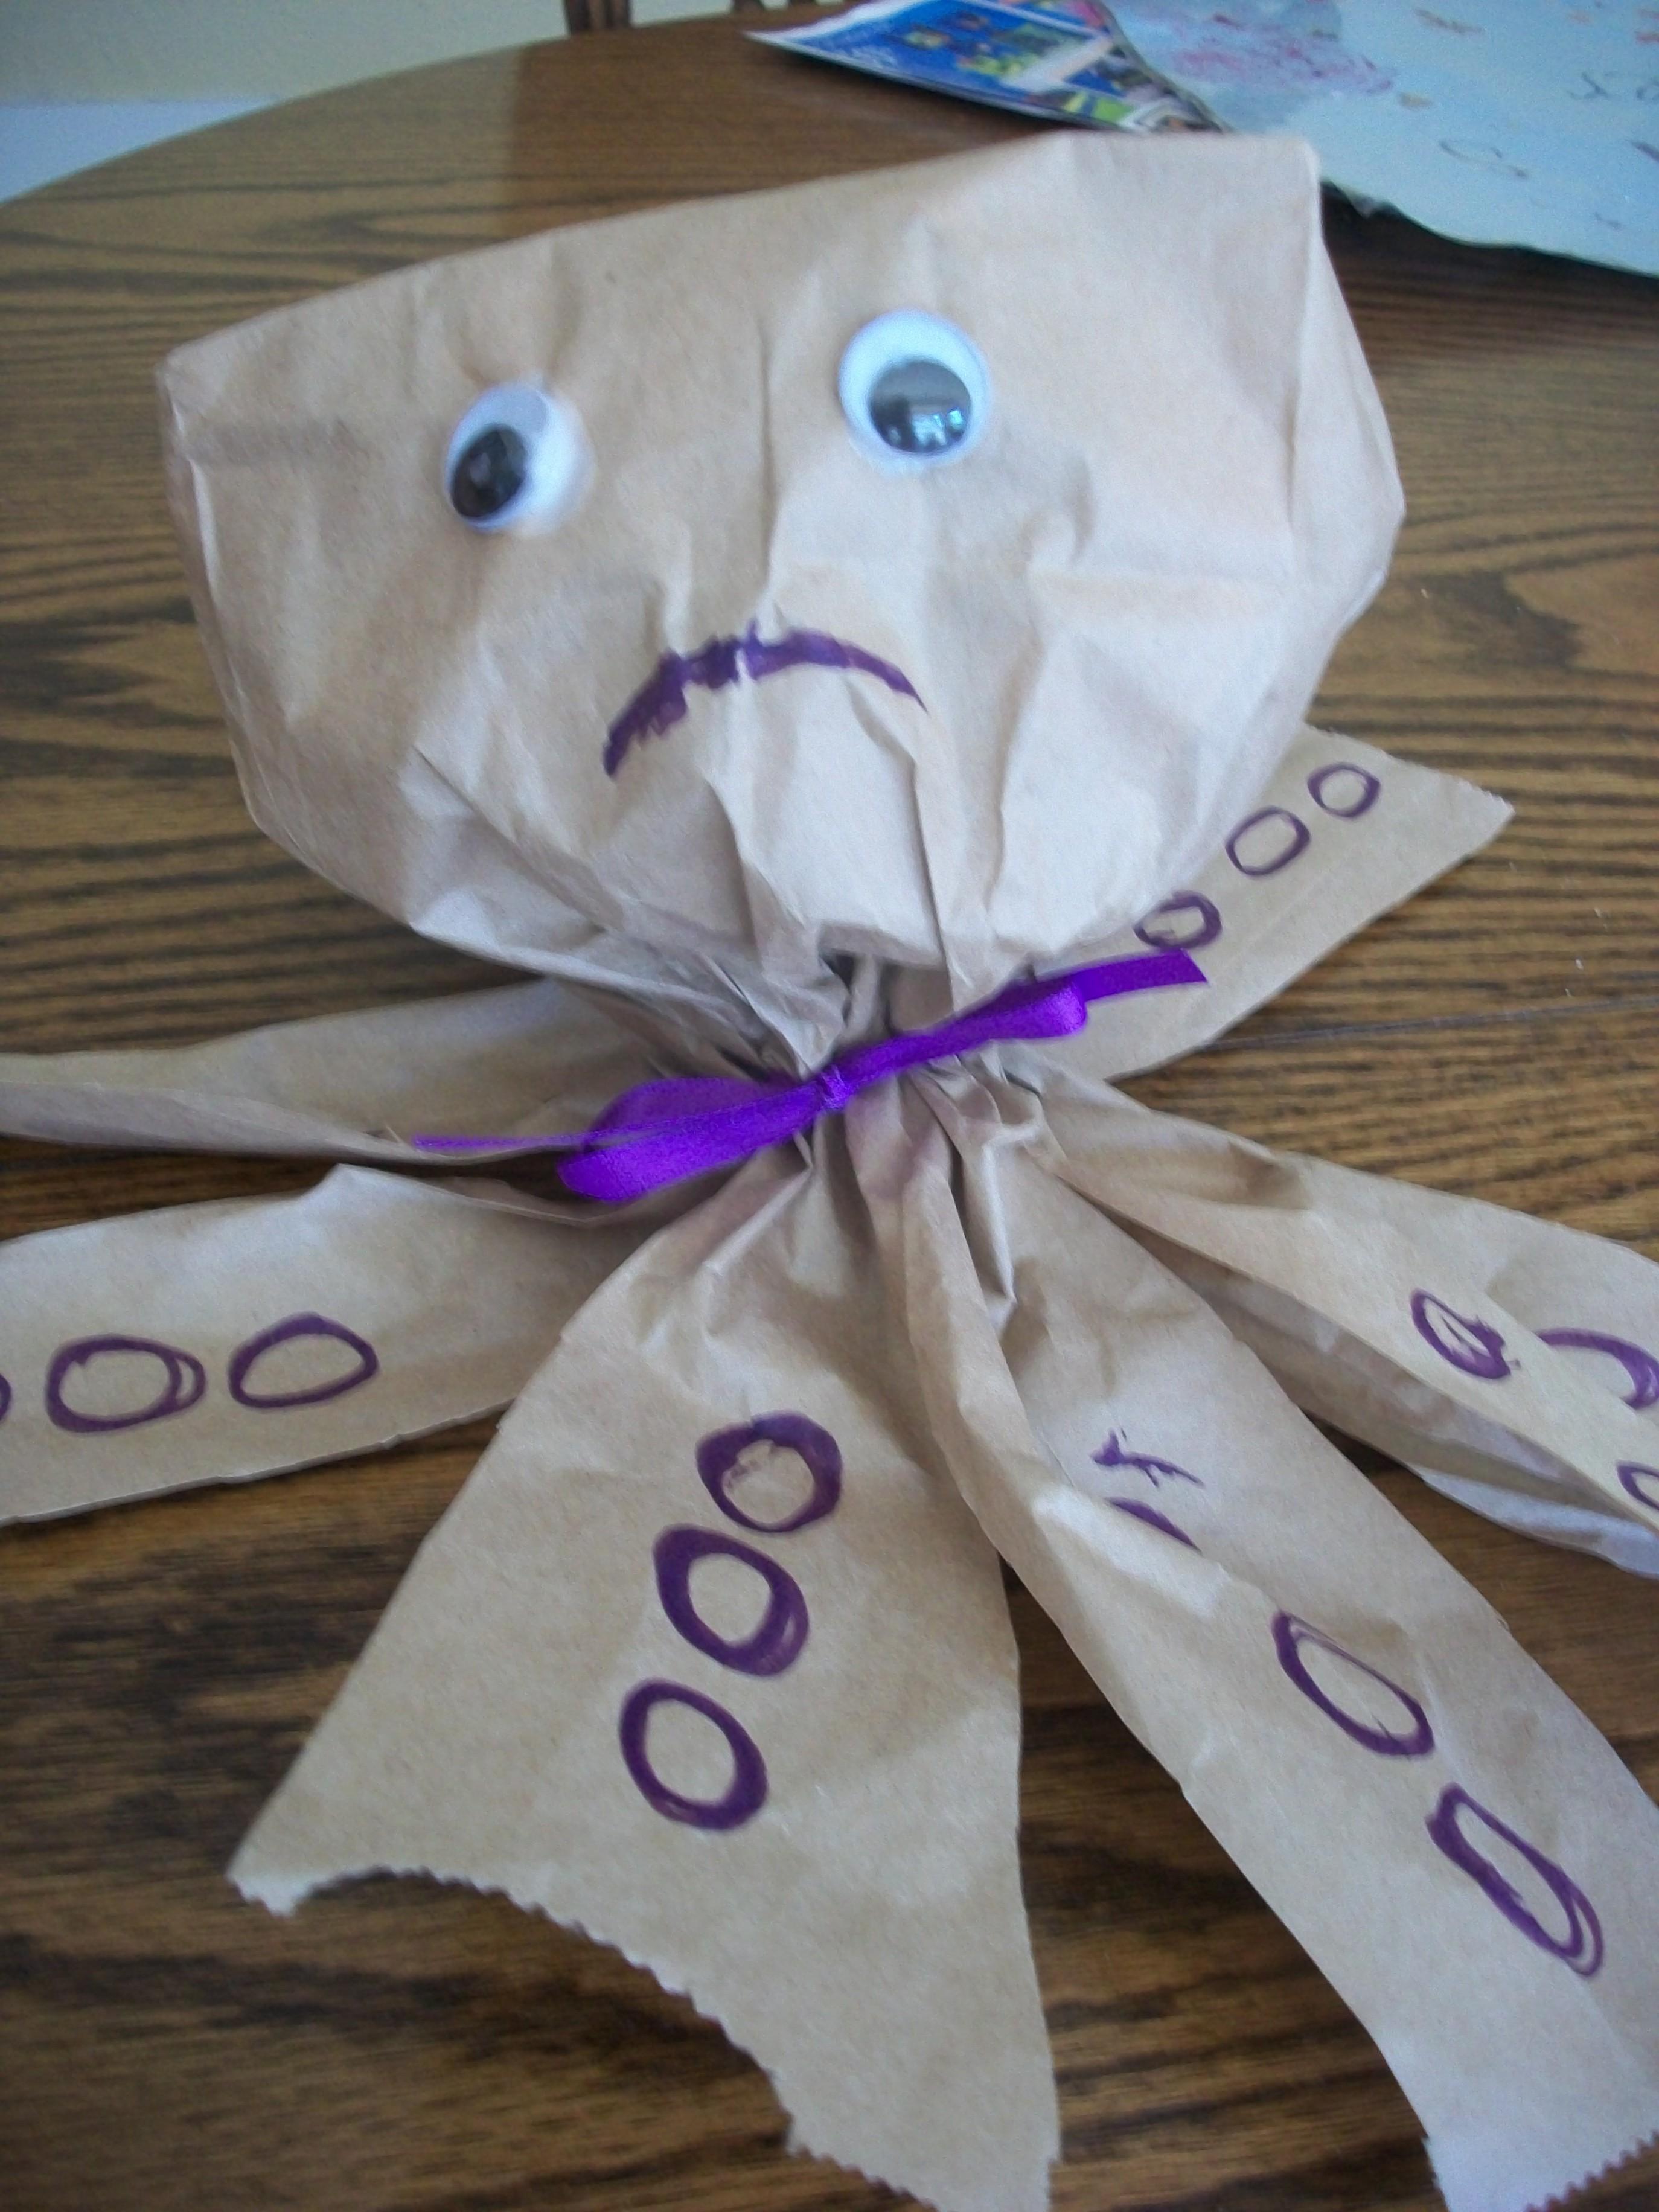 A Paper Bag Craft